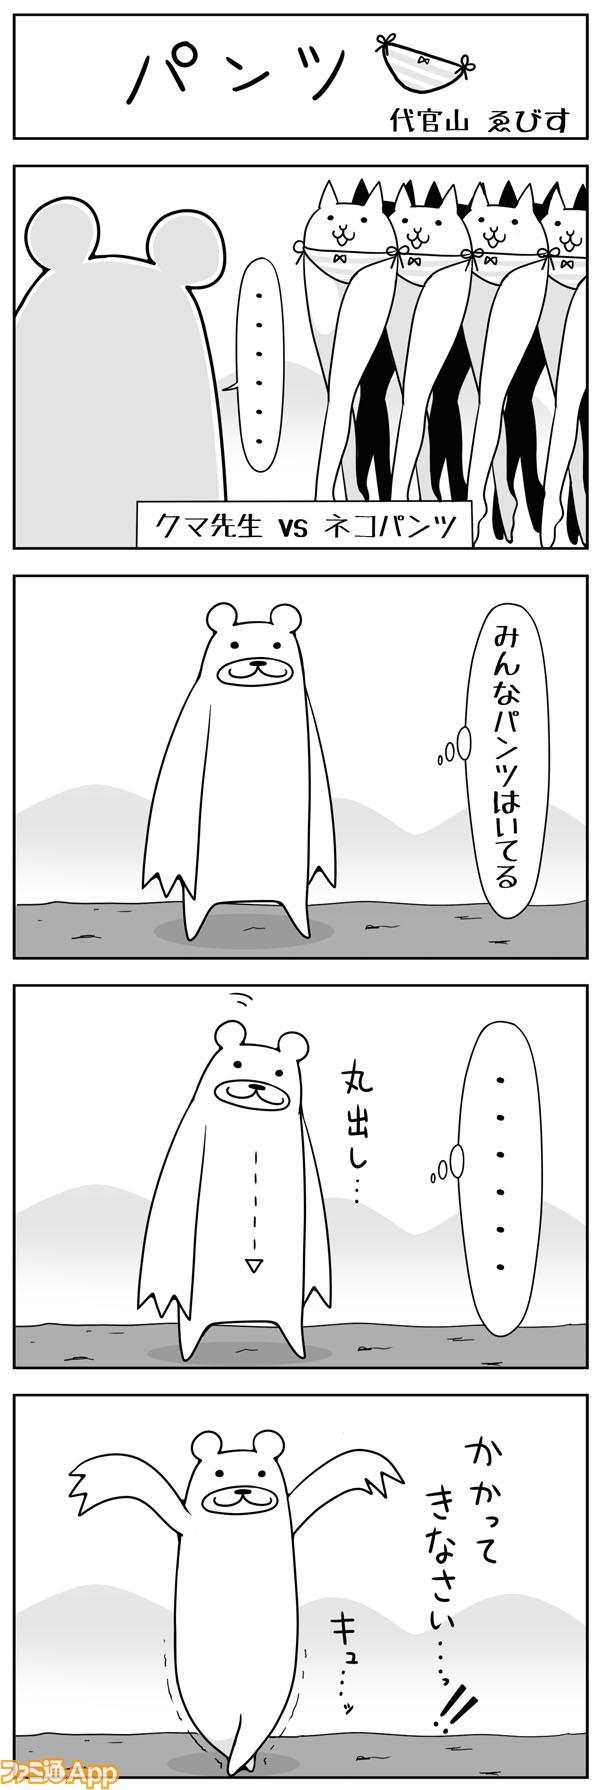 にゃんこ大戦争 ネコ クマ